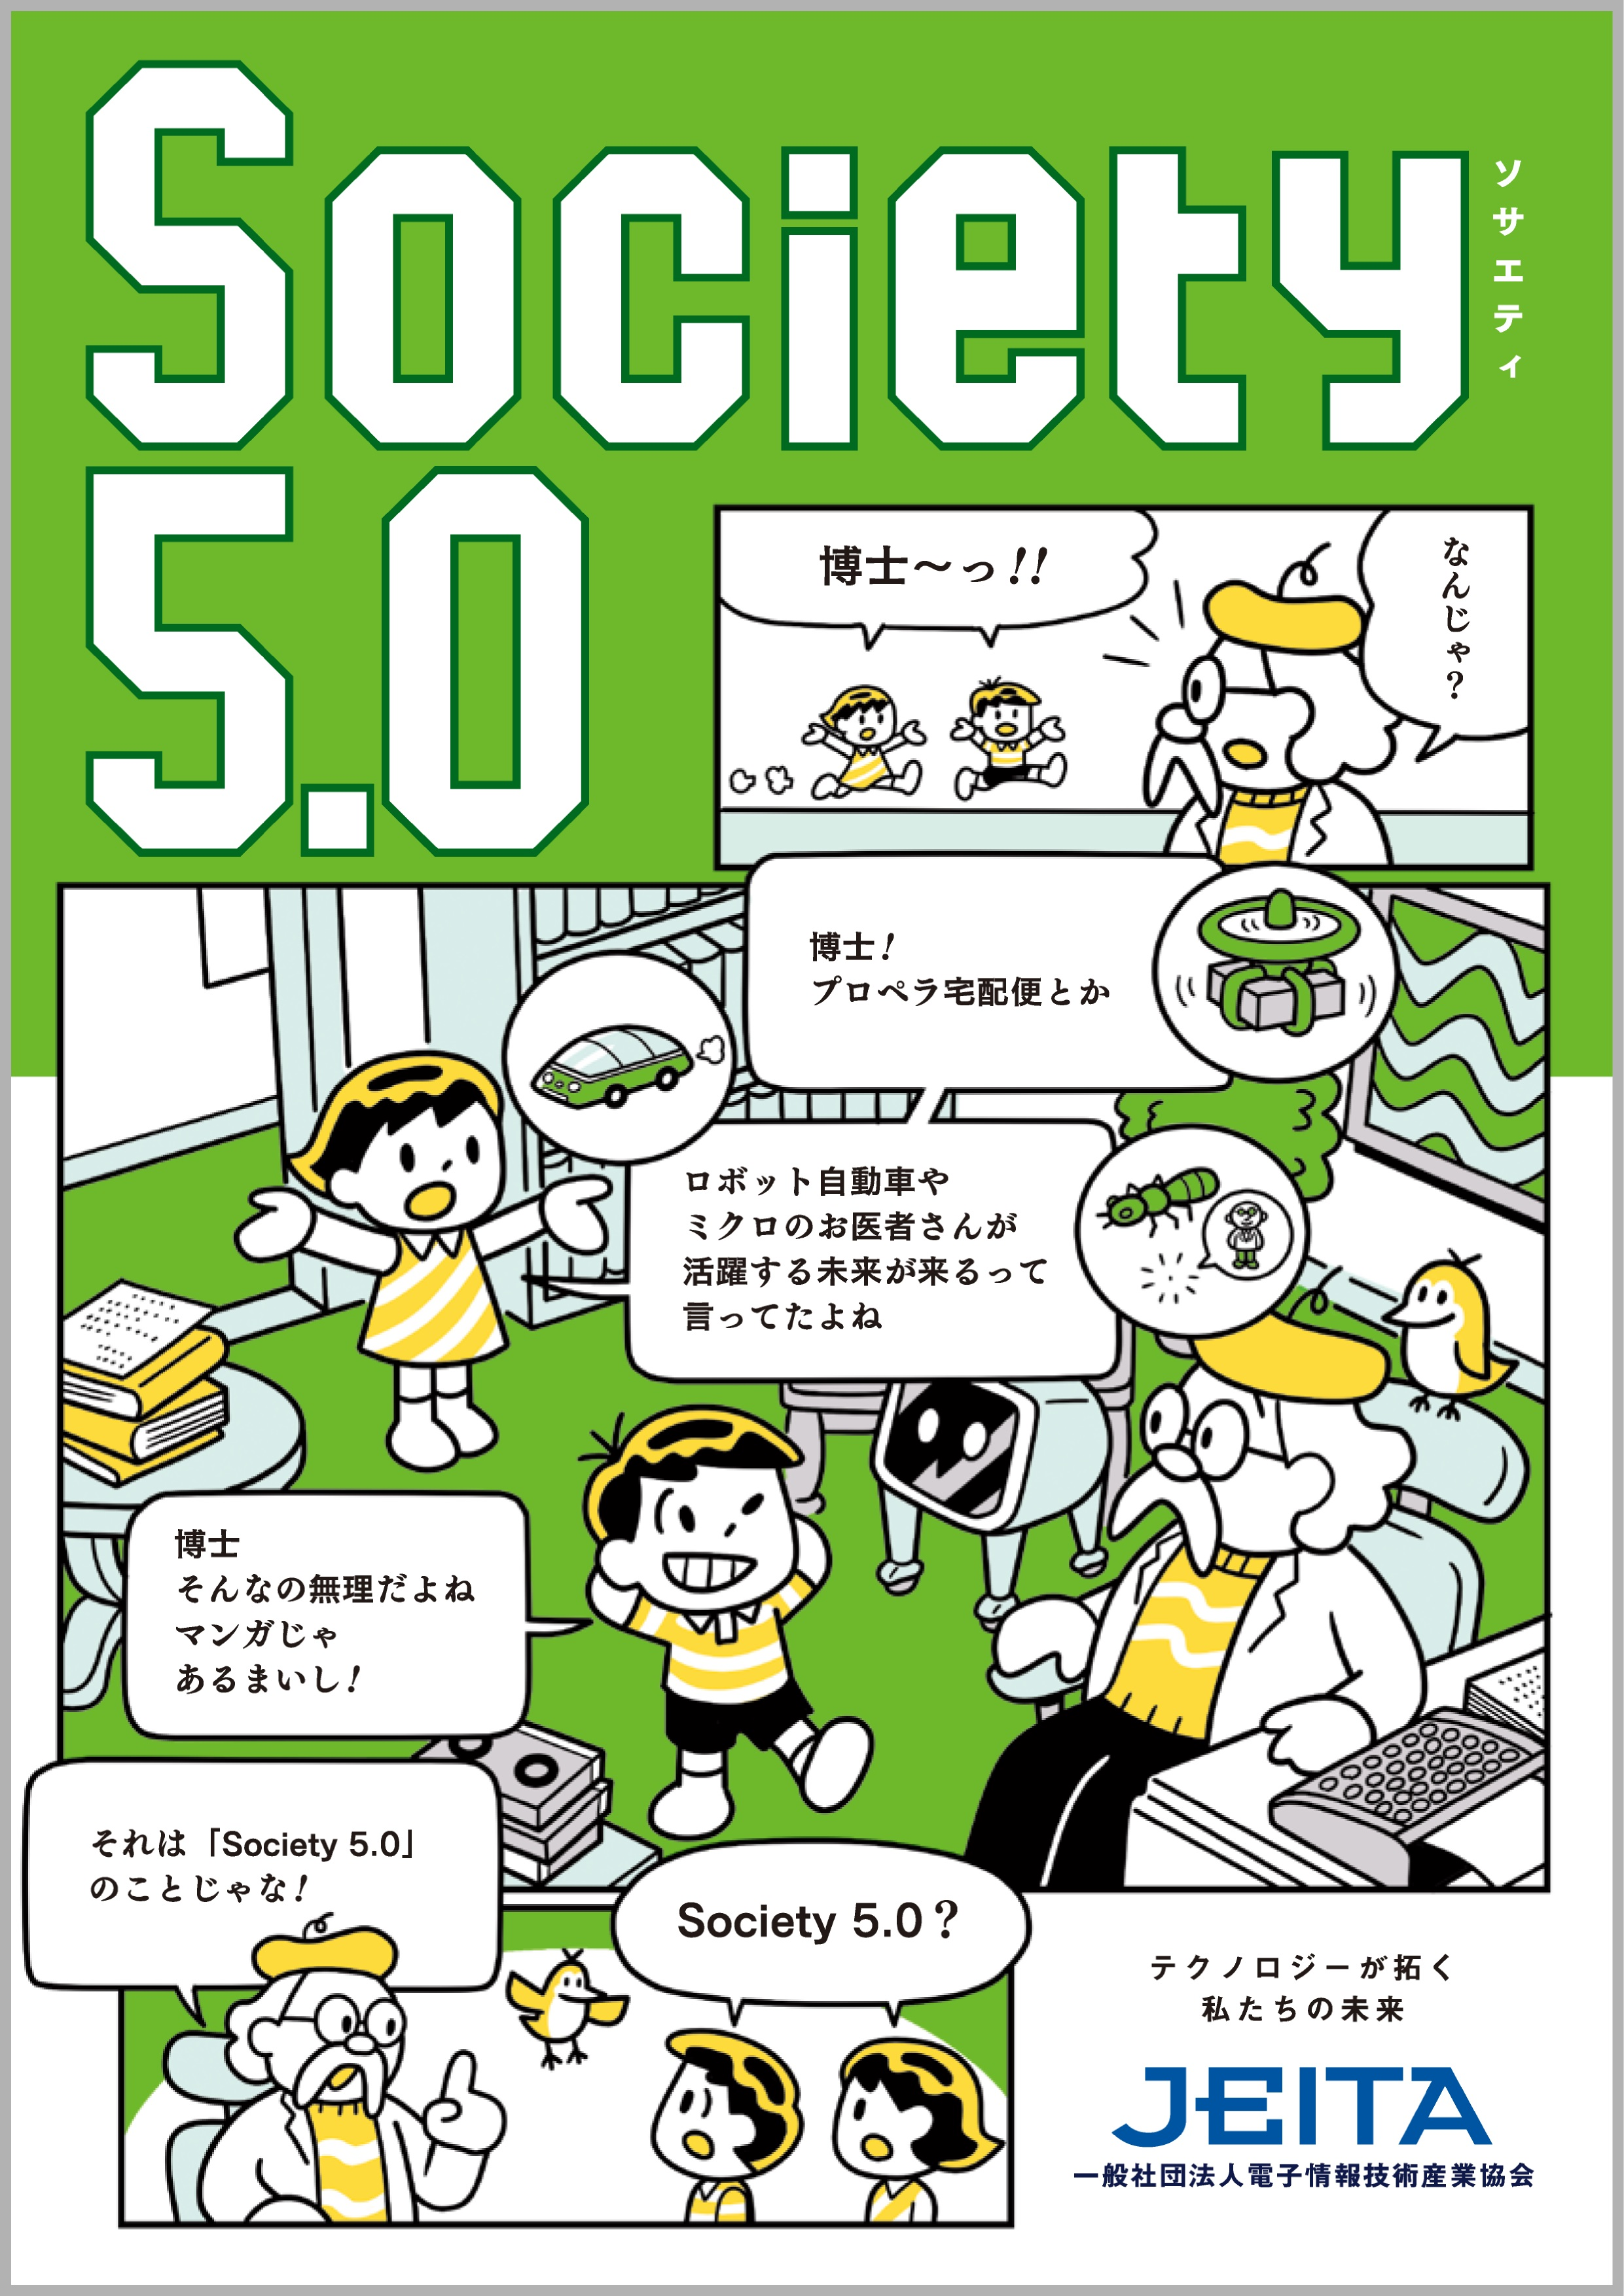 「Society 5.0 -テクノロジーが拓く私たちの未来-」